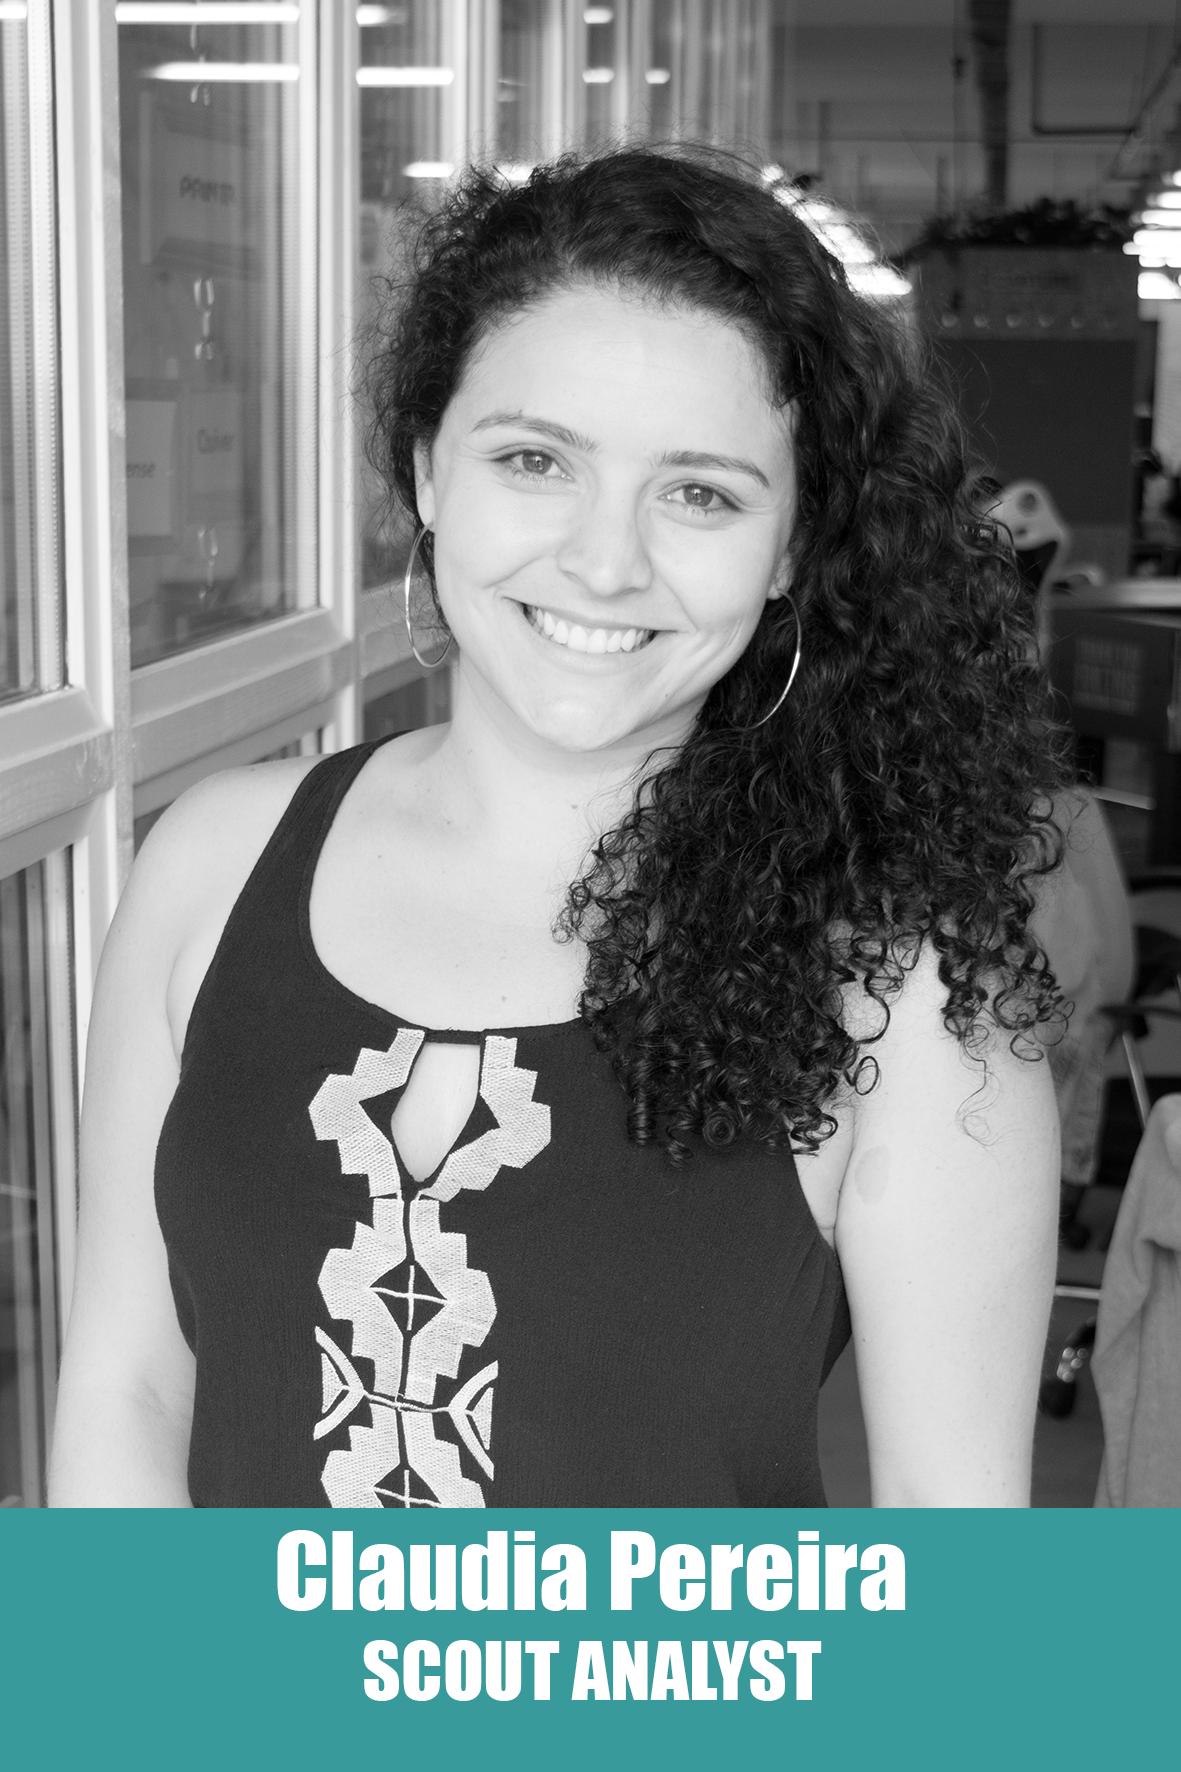 Claudia Leatriz Pereira